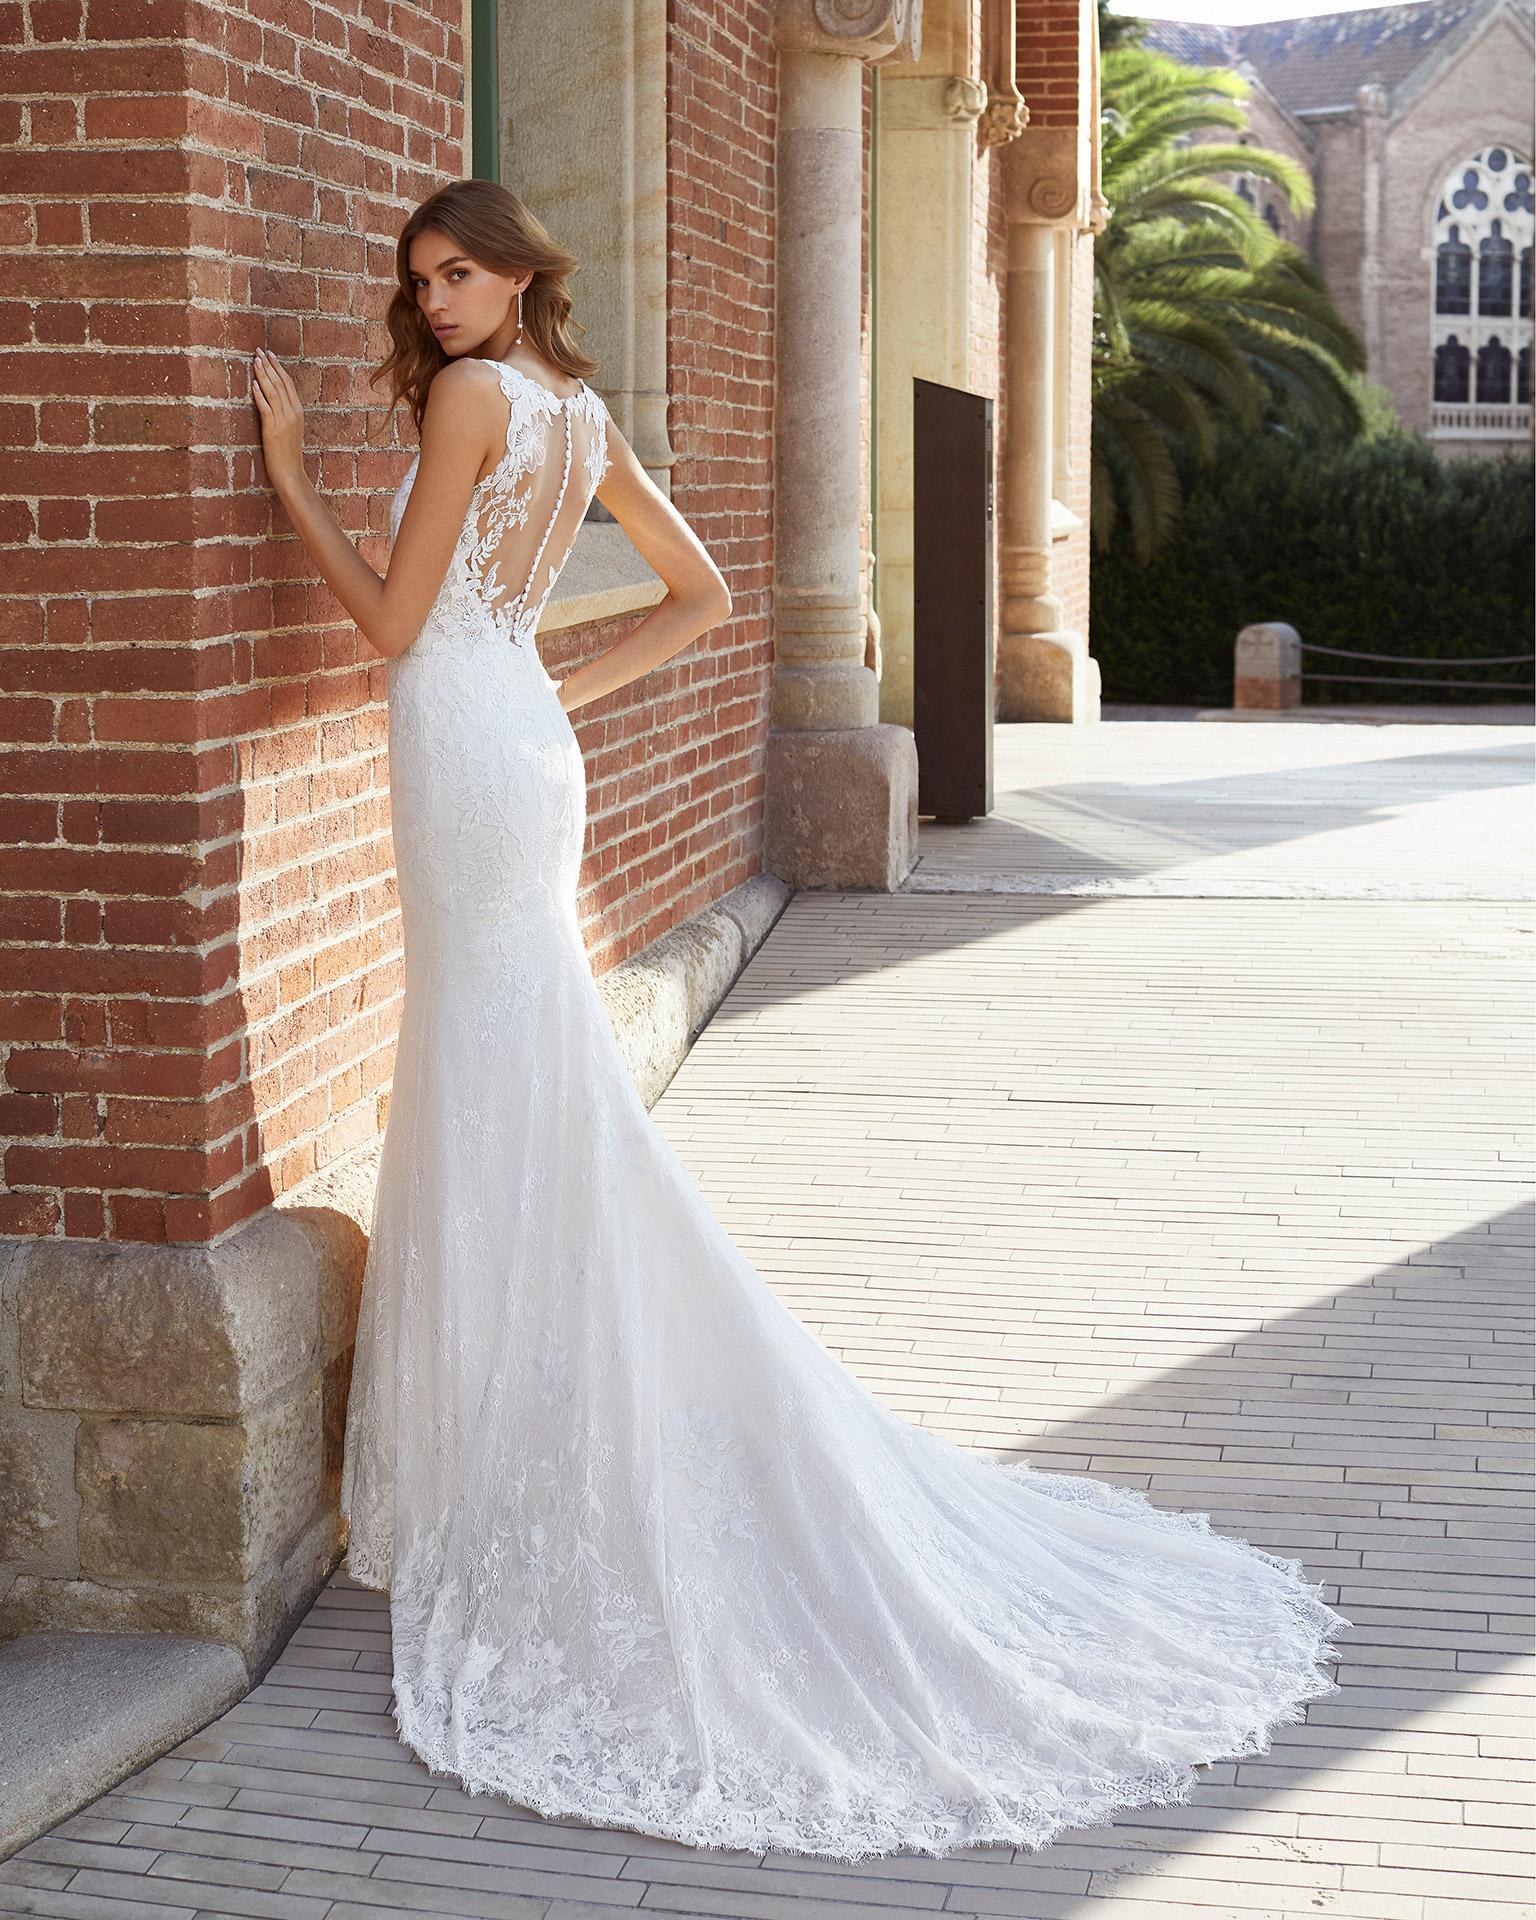 Vestido de novia corte recto de encaje y pedrería. Escote deep plunge y espalda transparente con aplicaciones. Colección  2021.